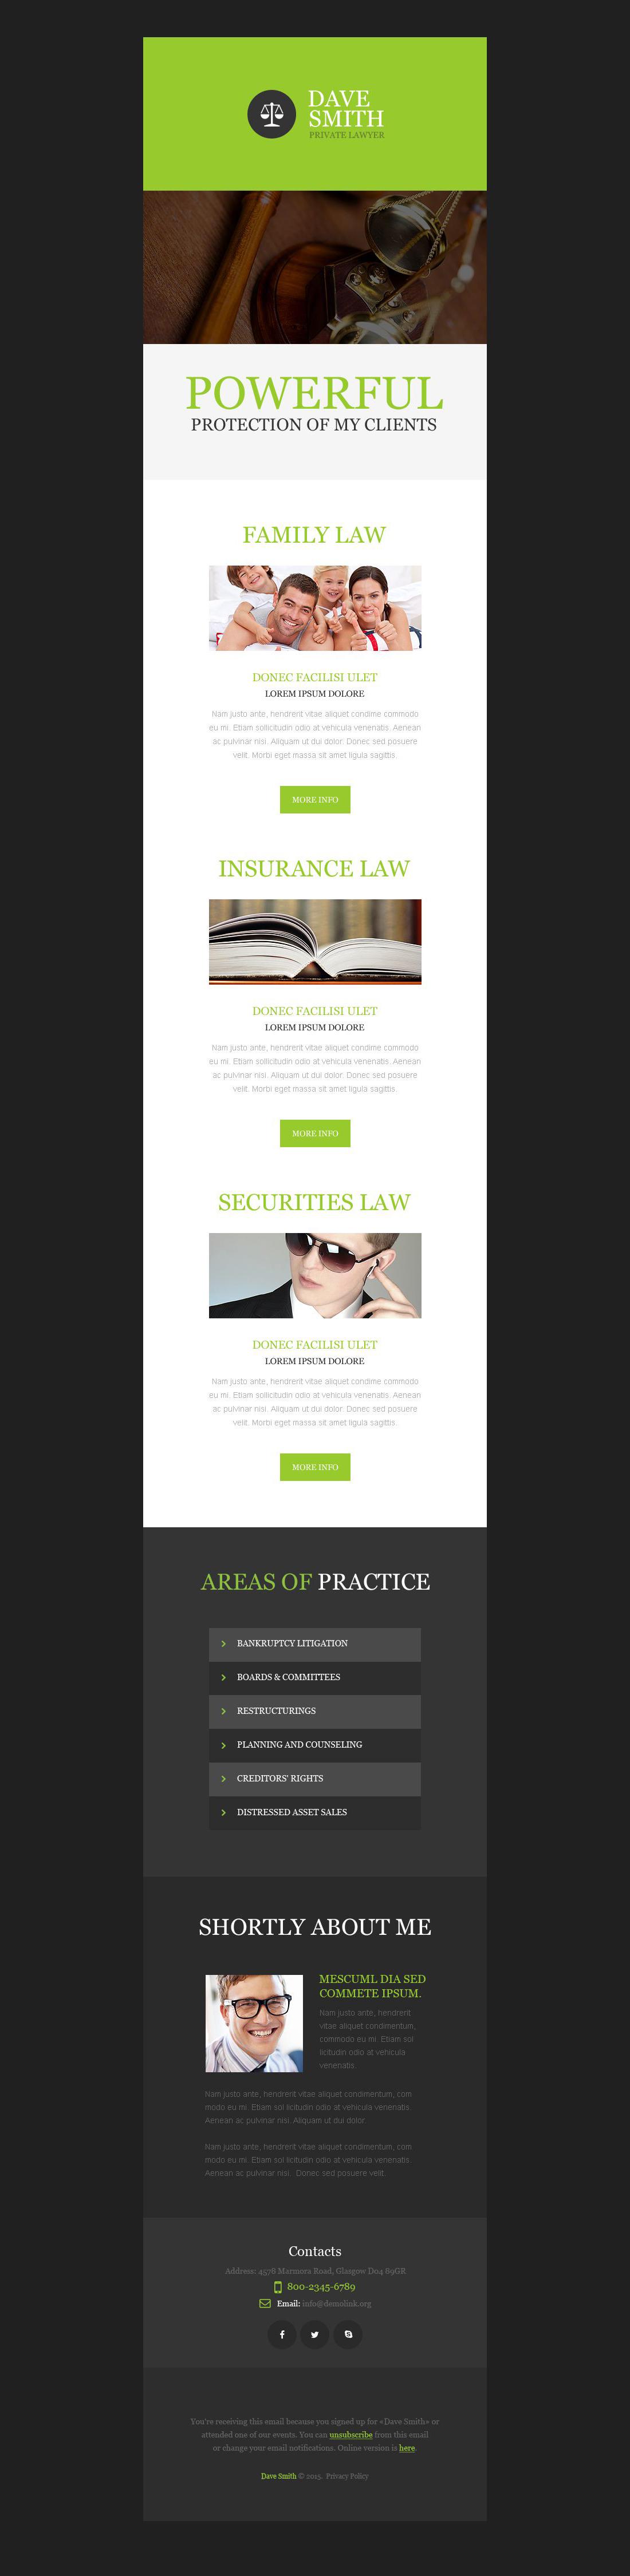 Newsletter Vorlage für Anwaltskanzlei #53195